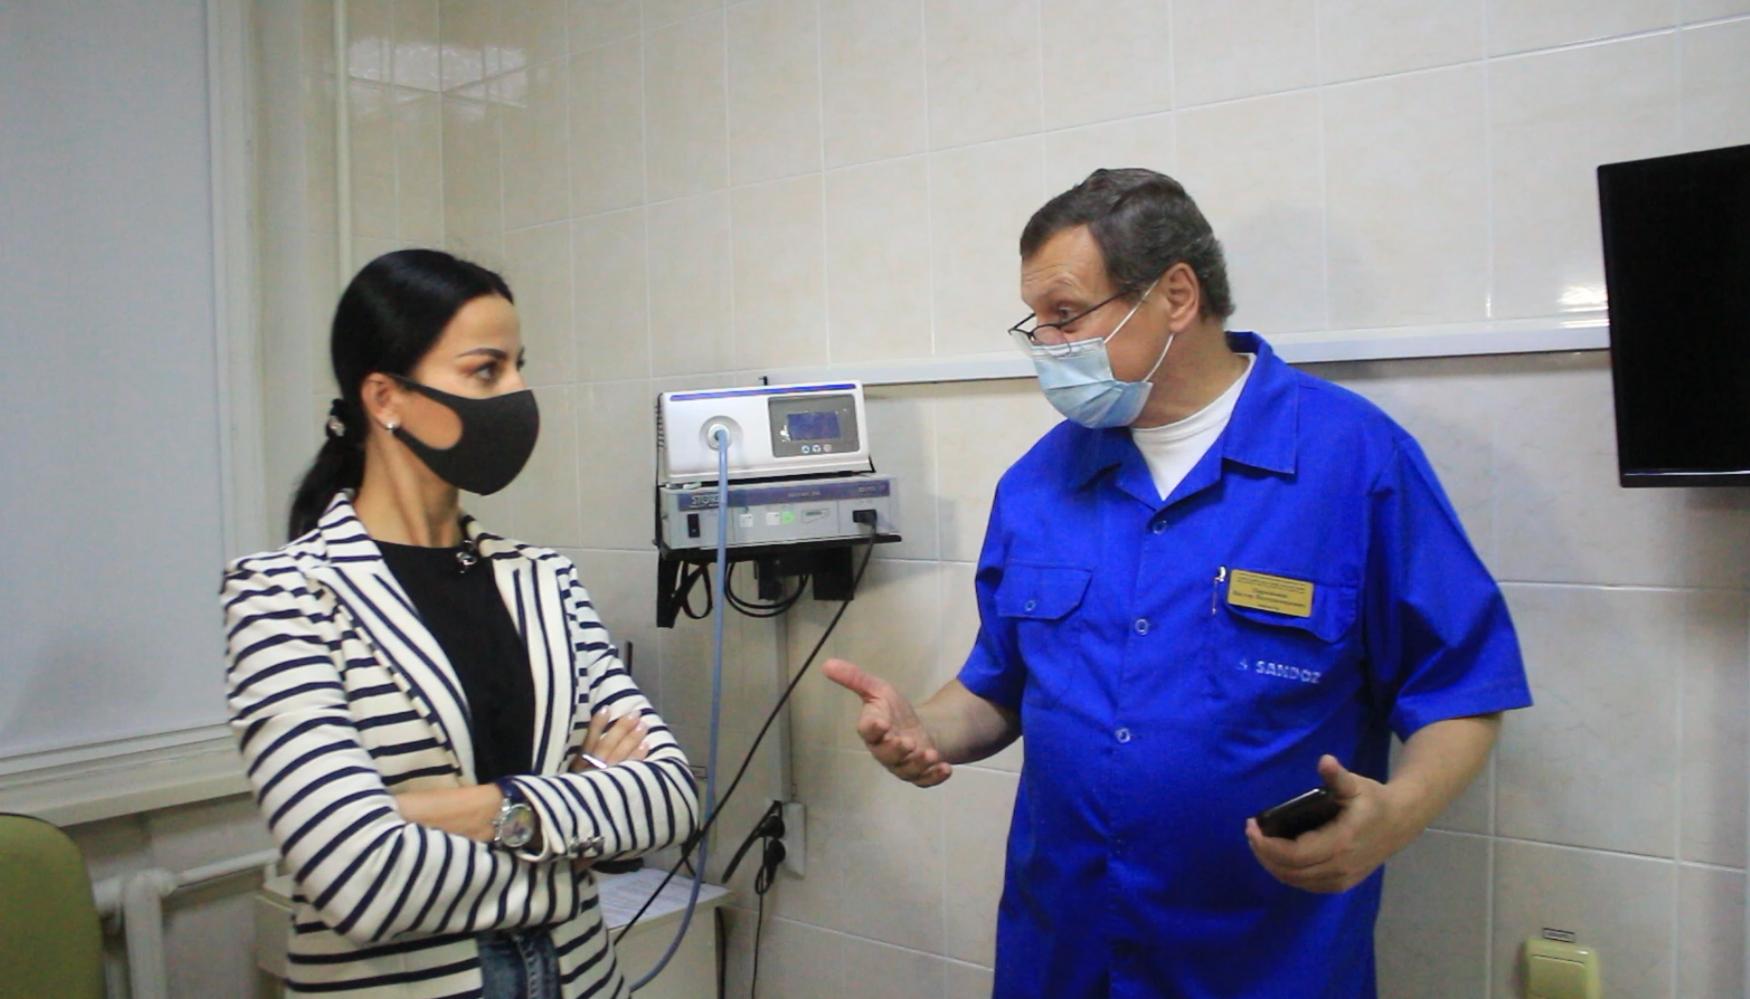 """""""Трансплантація та згода на донорство"""": у Черкасах реалізовують медичний проєкт (ВІДЕО)"""